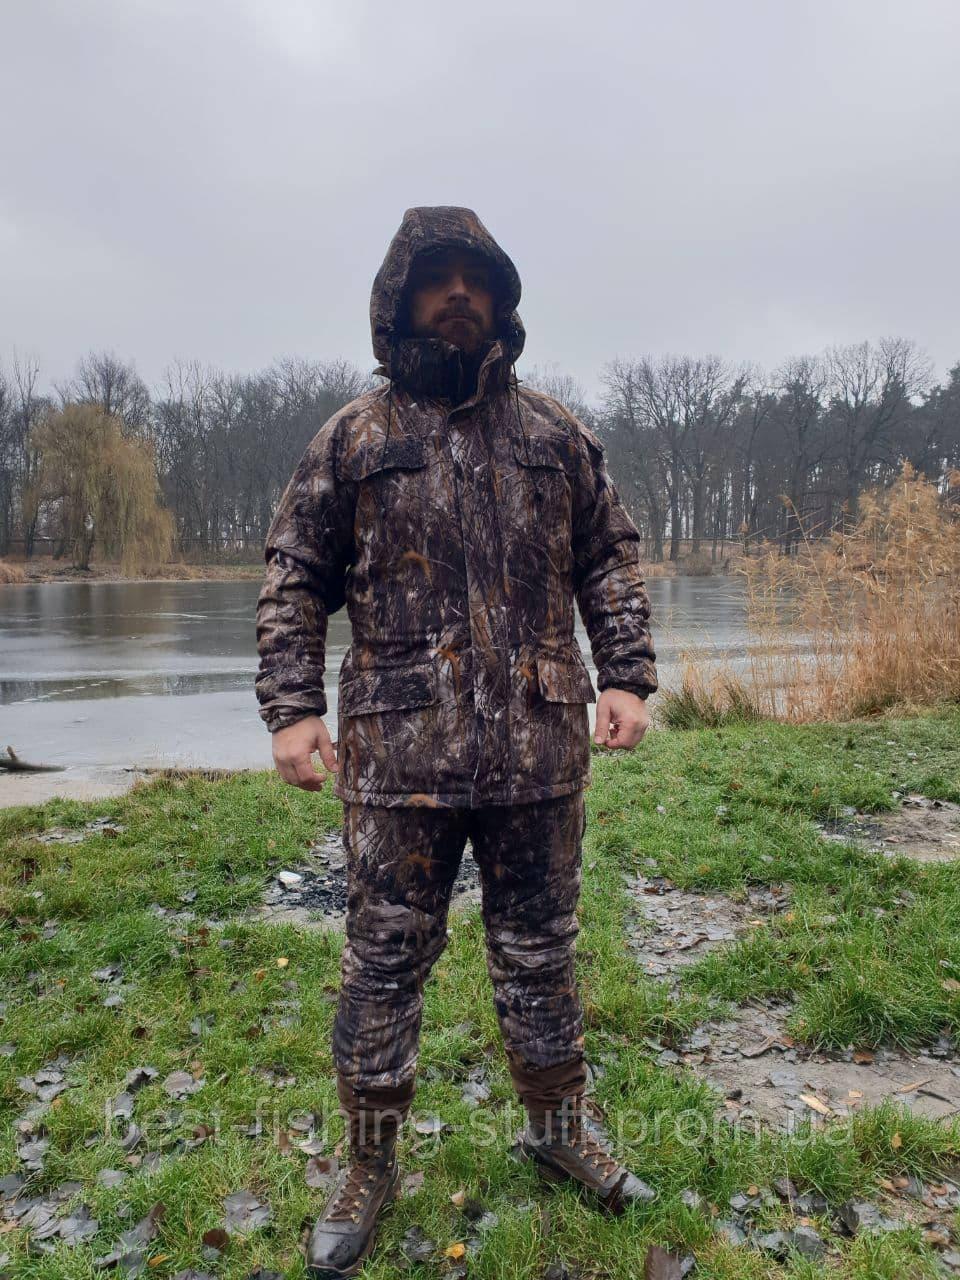 Костюм для рыбалки и охоты Svarog ЗОВ 2020 размер